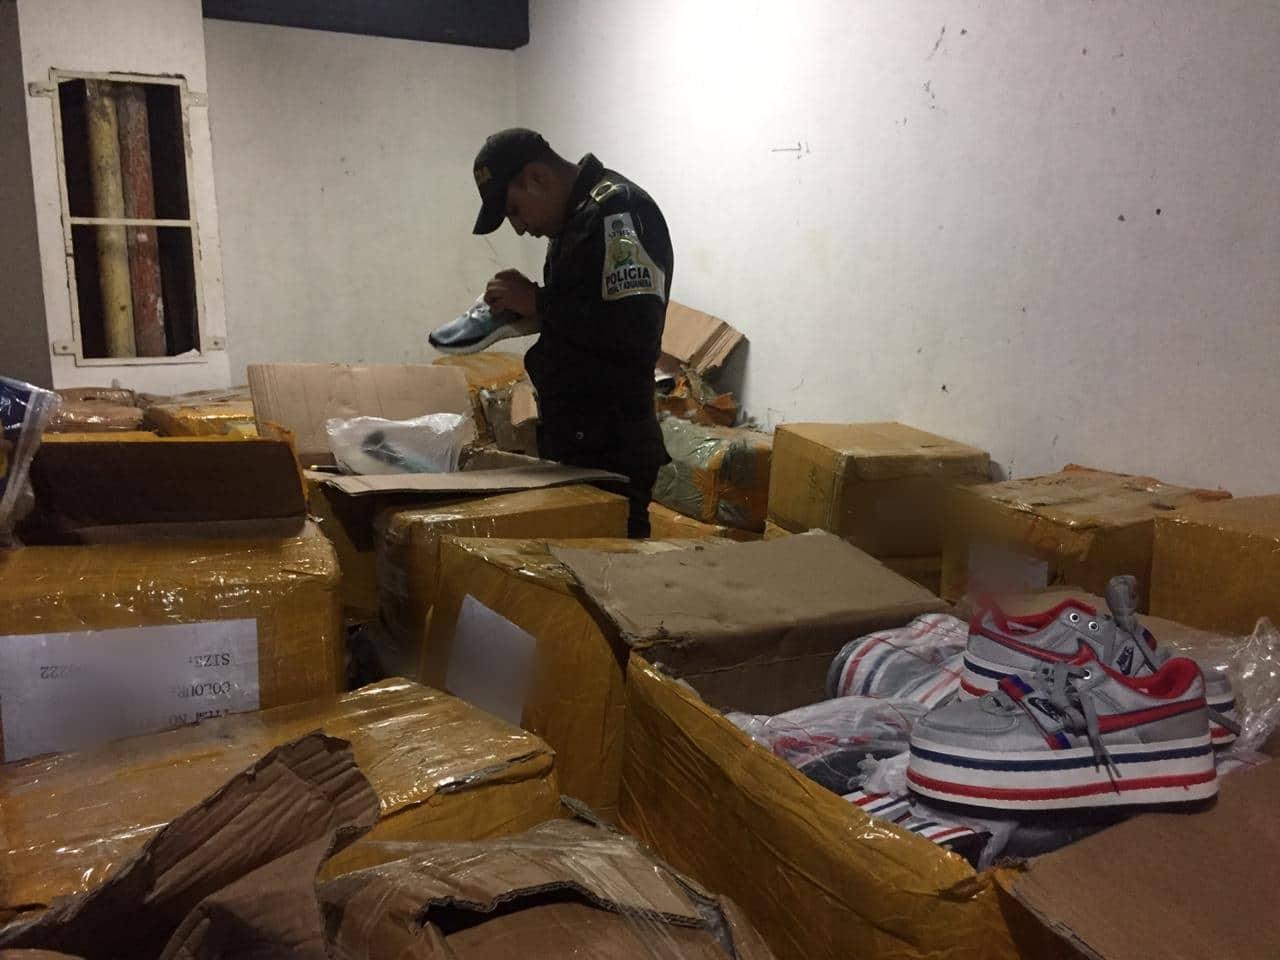 Calzado y ropa ilegal: toma a bodegas en Cali dejó 20 mil artículos incautados